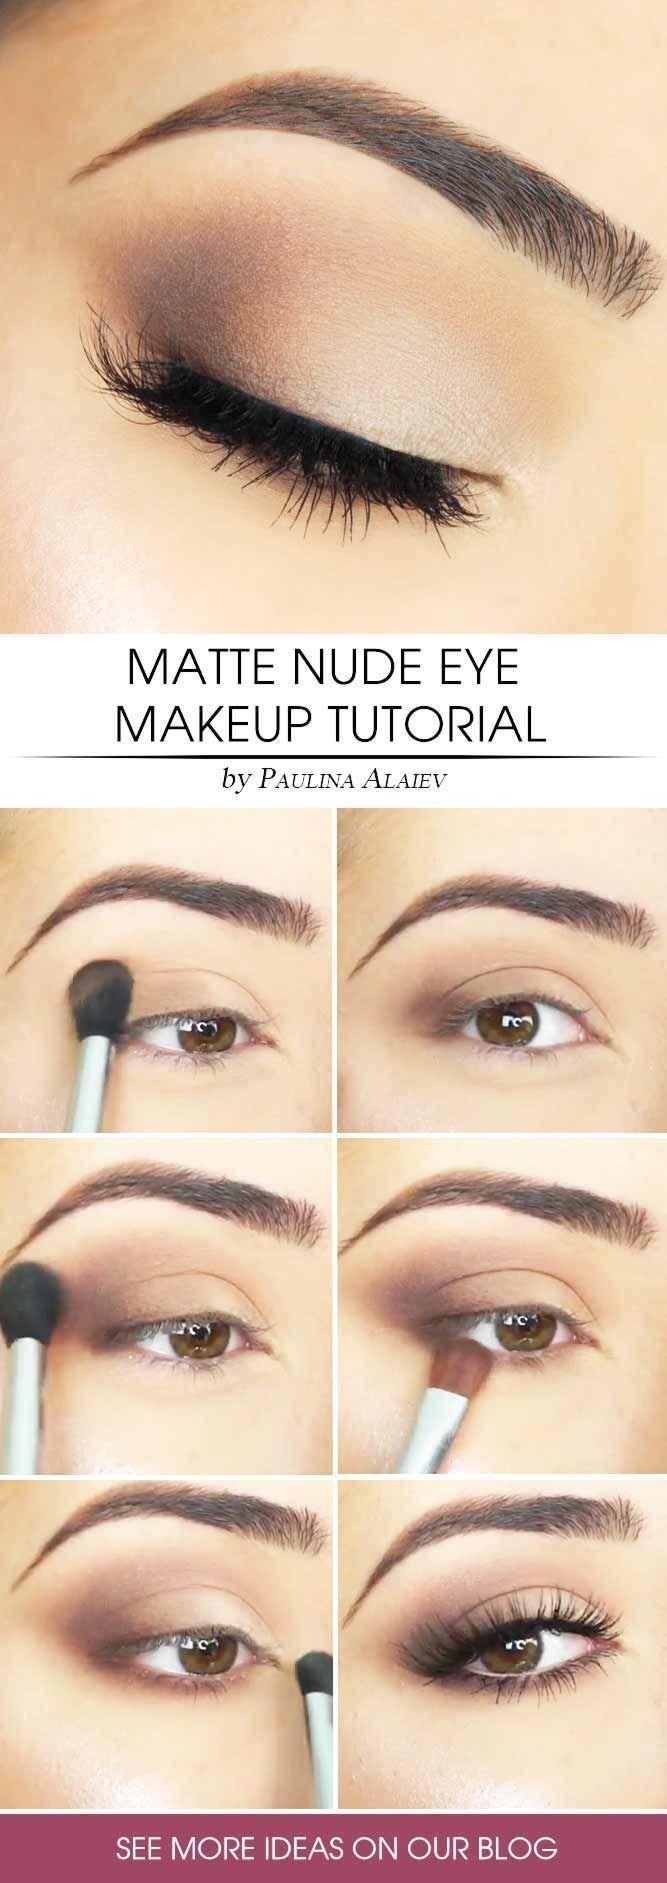 Top 7 Makeup-Tutorials für nackte Frauen #frauen #makeup #nackte #tutorials